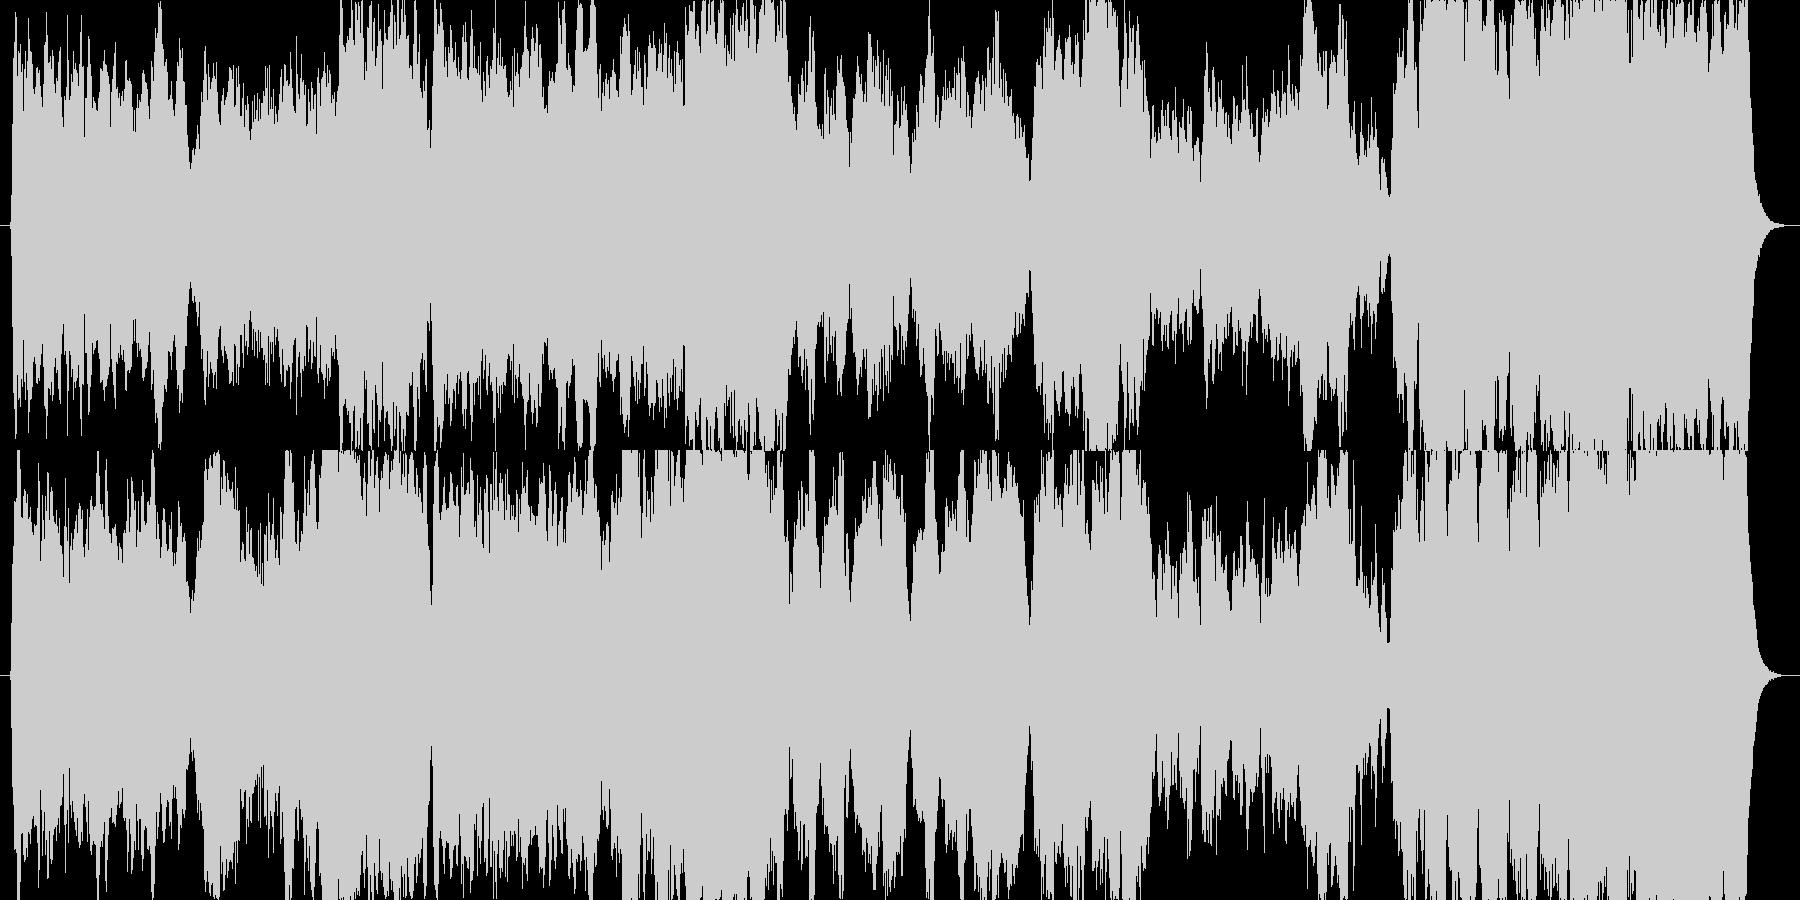 敵サイドなどを描写する時のオーケストラ曲の未再生の波形